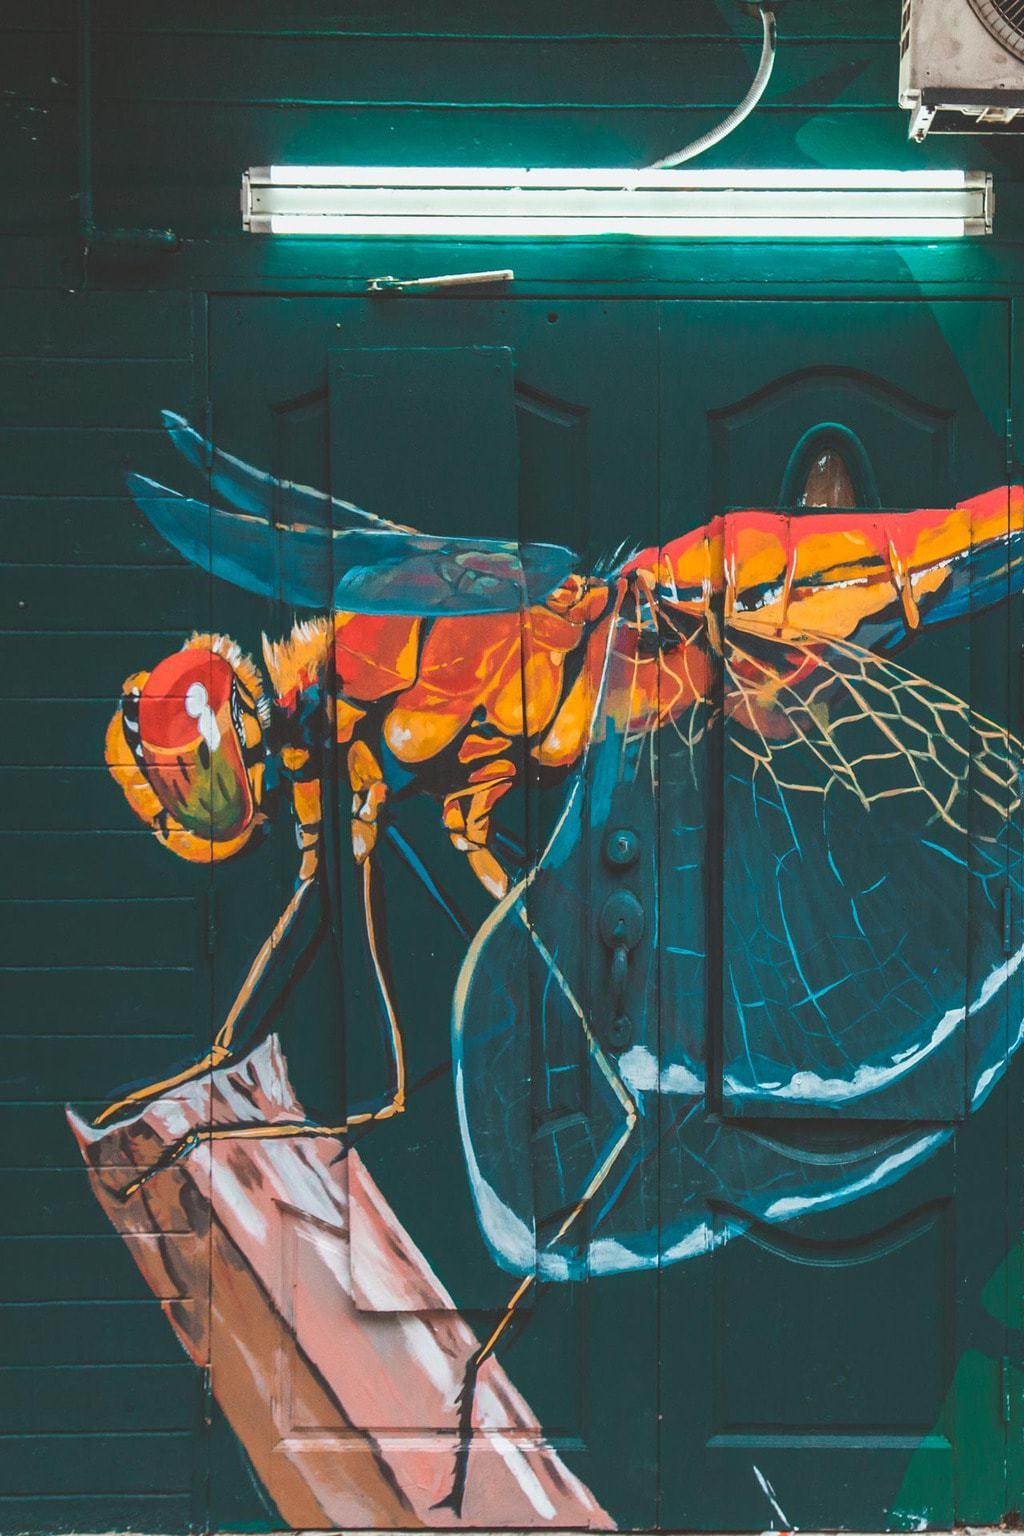 Bukit Bintang Street Art Dragonfly, Kuala Lumpur